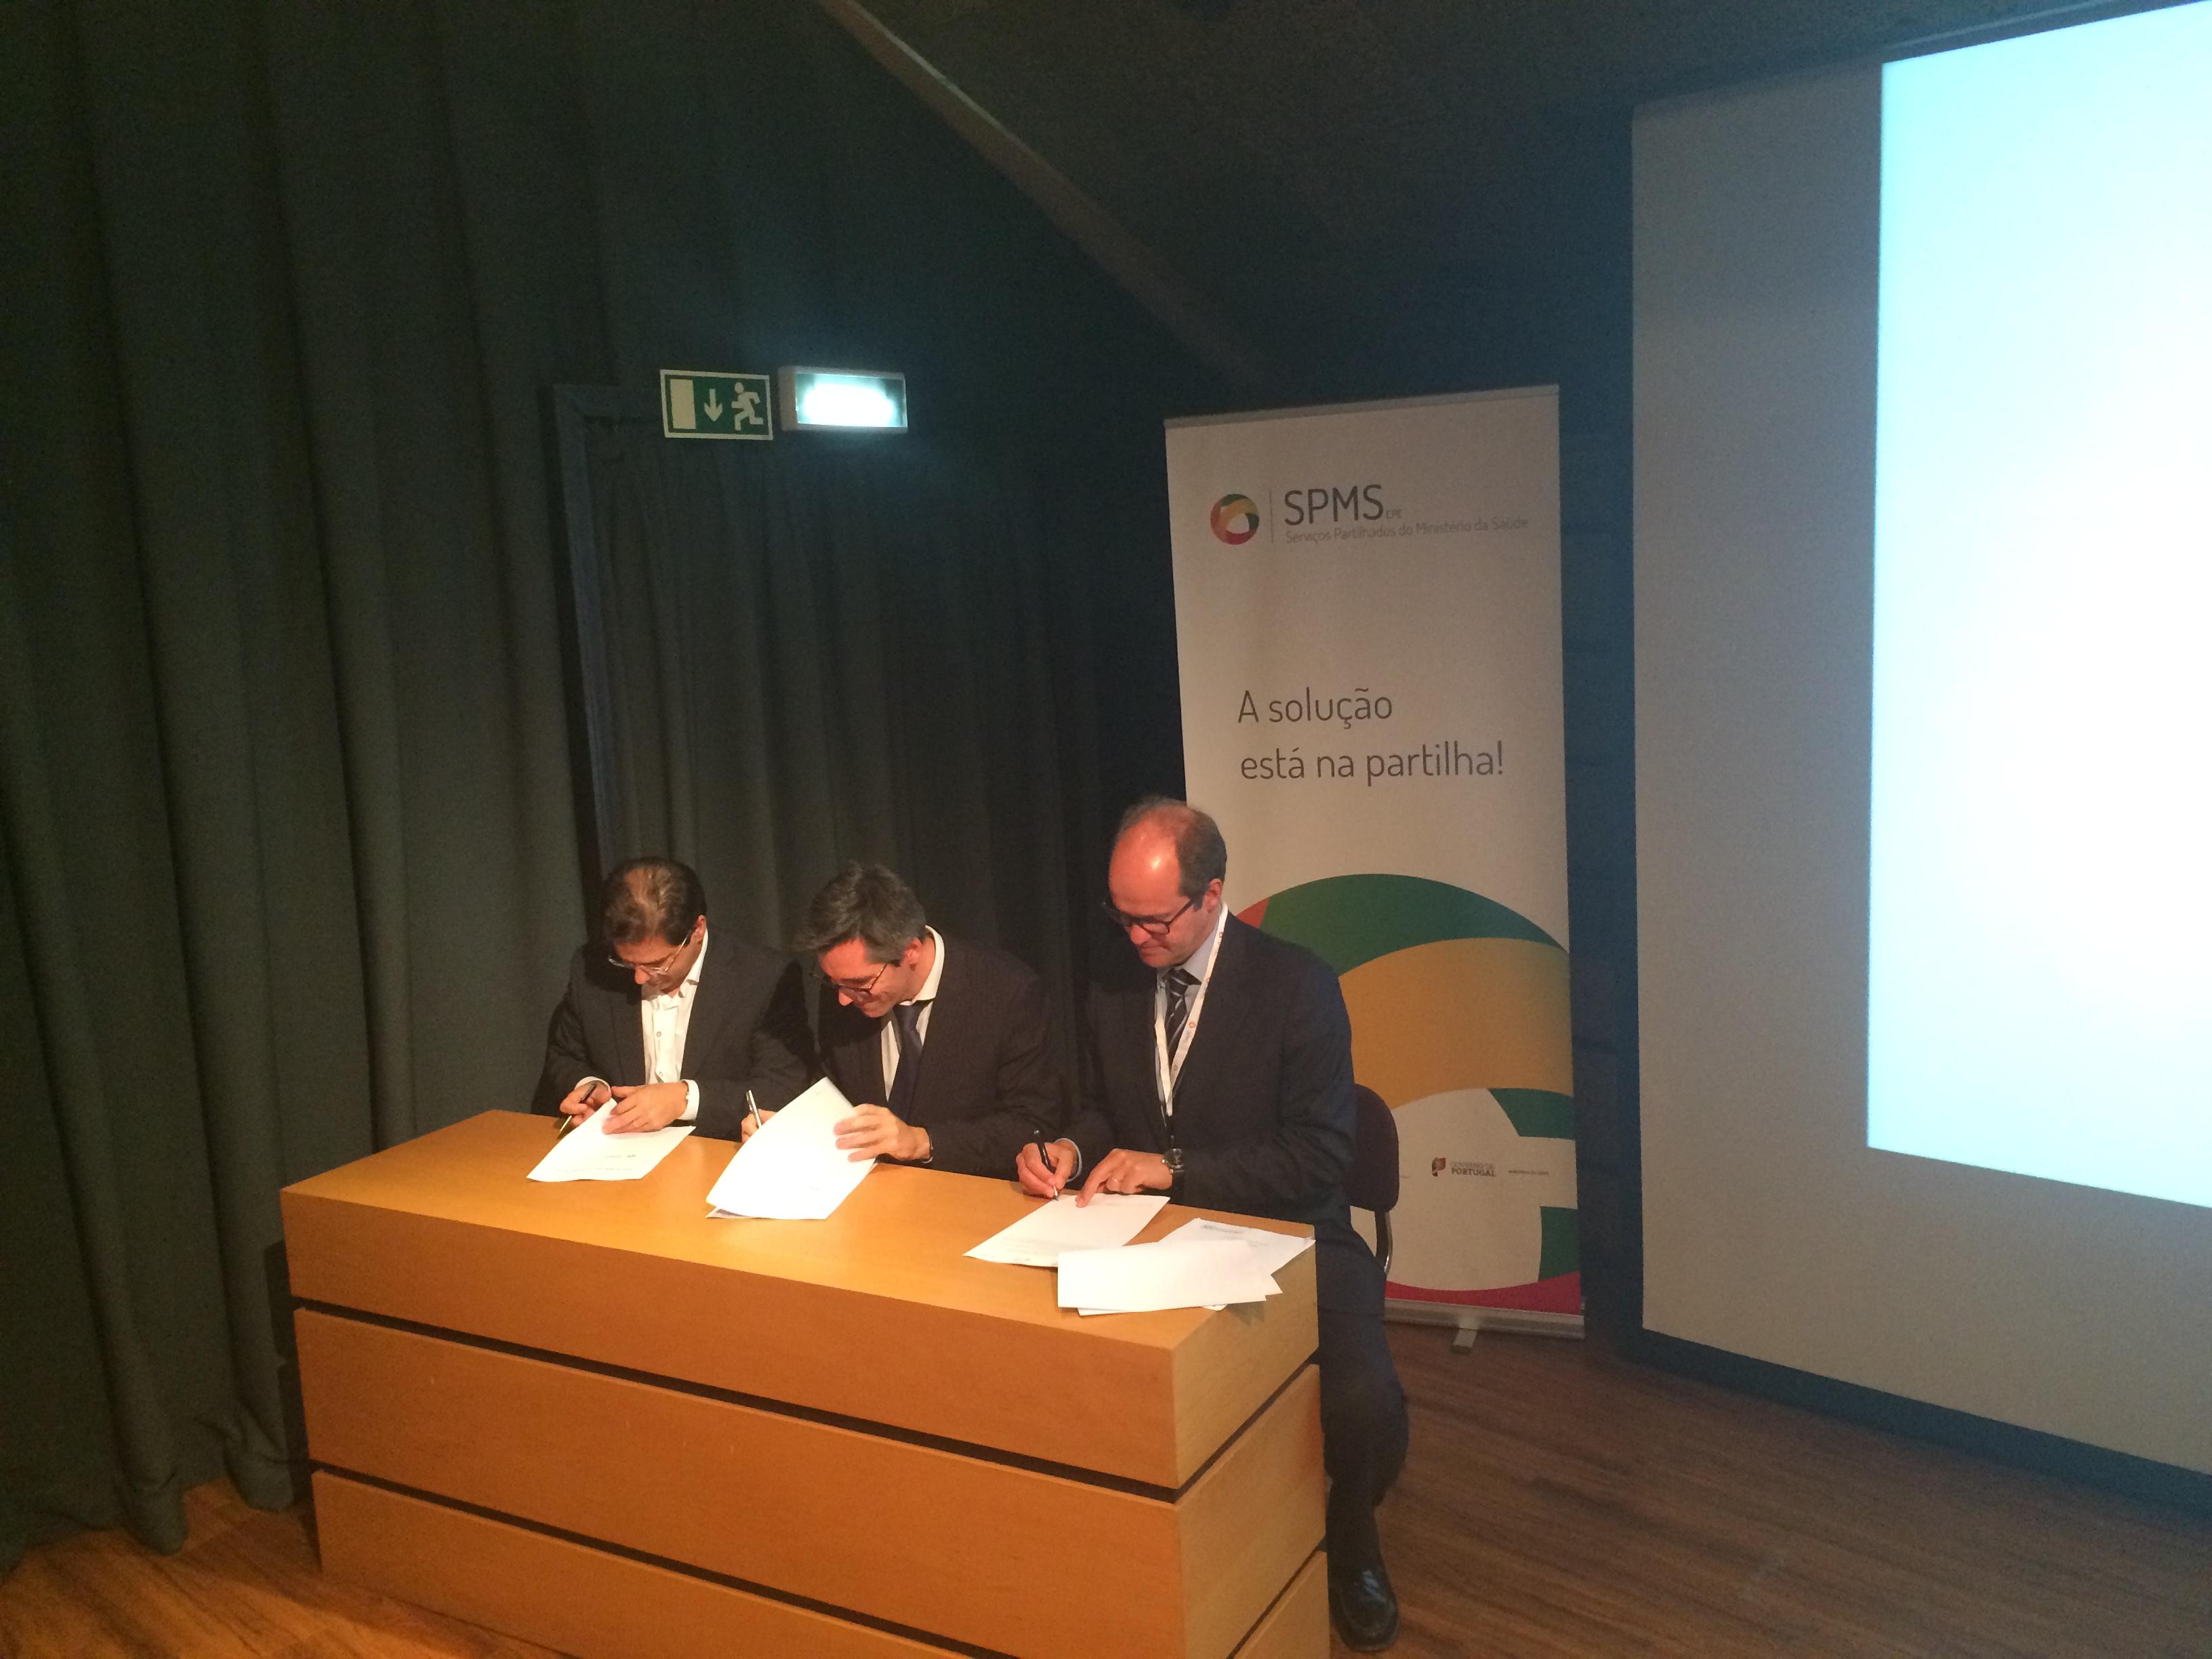 Assinatura do Plano de Arranque da Receita Sem Papel – SPMS   ACSS   ANF